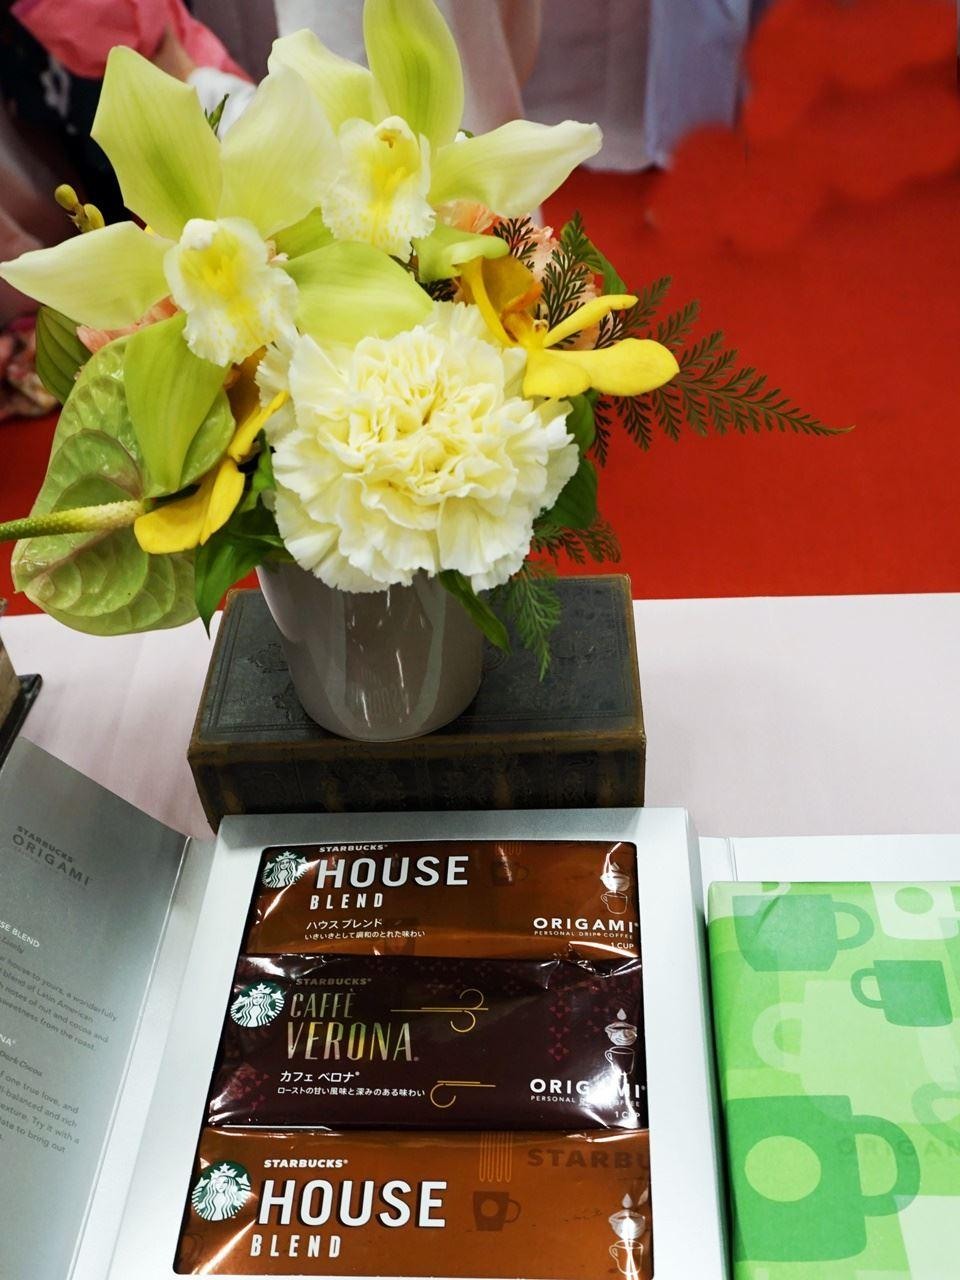 【日比谷花壇】父の日 スターバックス「ドリップコーヒー」とアレンジメントのセット